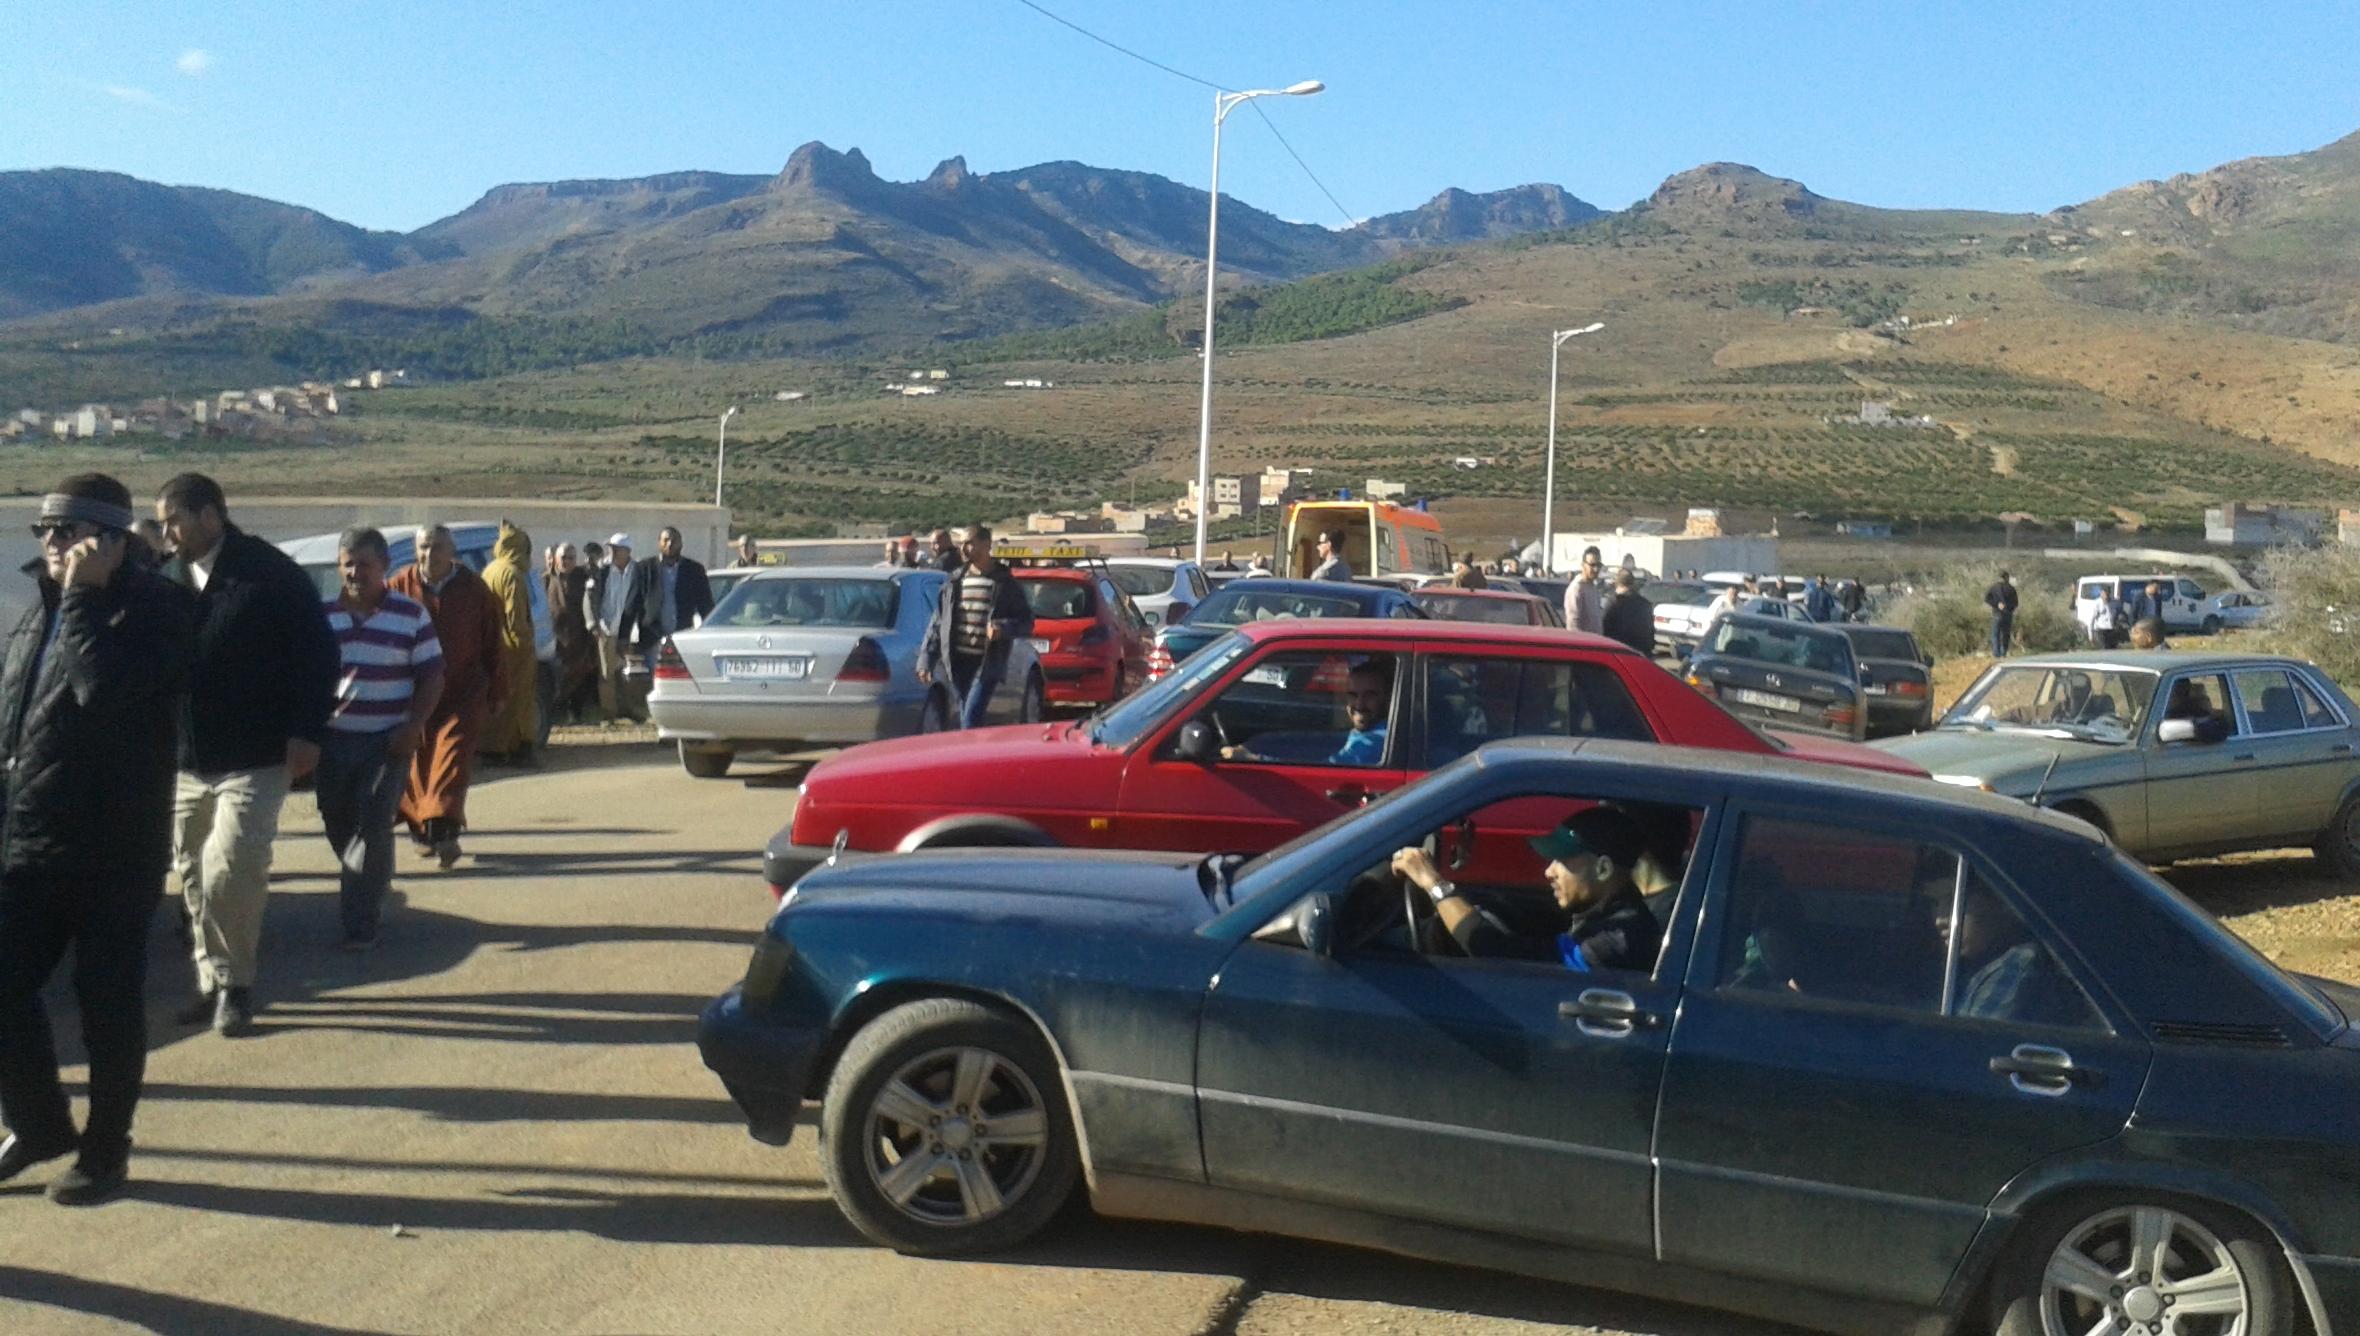 """+صور: اختناق مروري شديد أمام مقبرة الناظور الوحيدة """"سيدي سالم"""" يجبر سيارات نقل الجنائز على التوقف بعيدا عن مقصدها"""